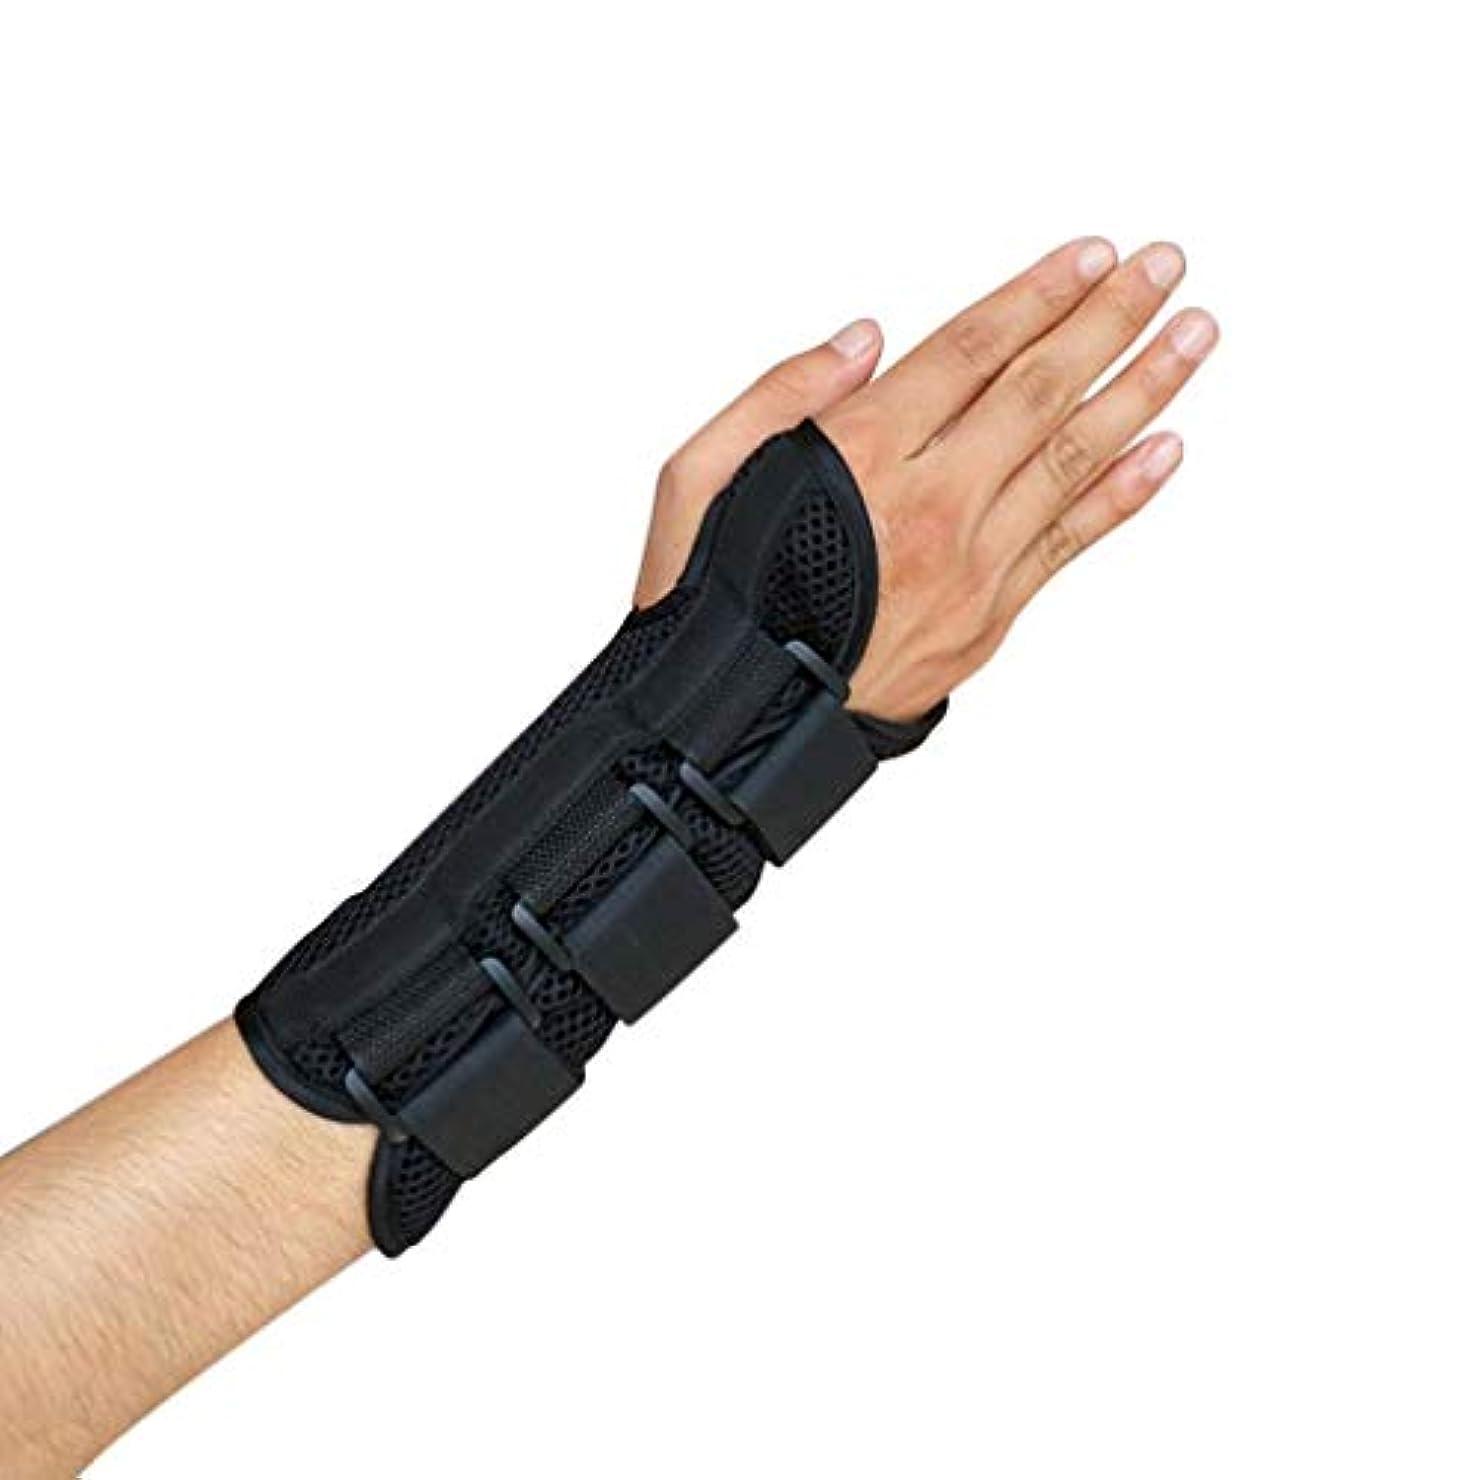 体操膨らみ毒液手根管手首ブレースサポート捻Sp前腕スプリントバンドストラップ保護-Rustle666